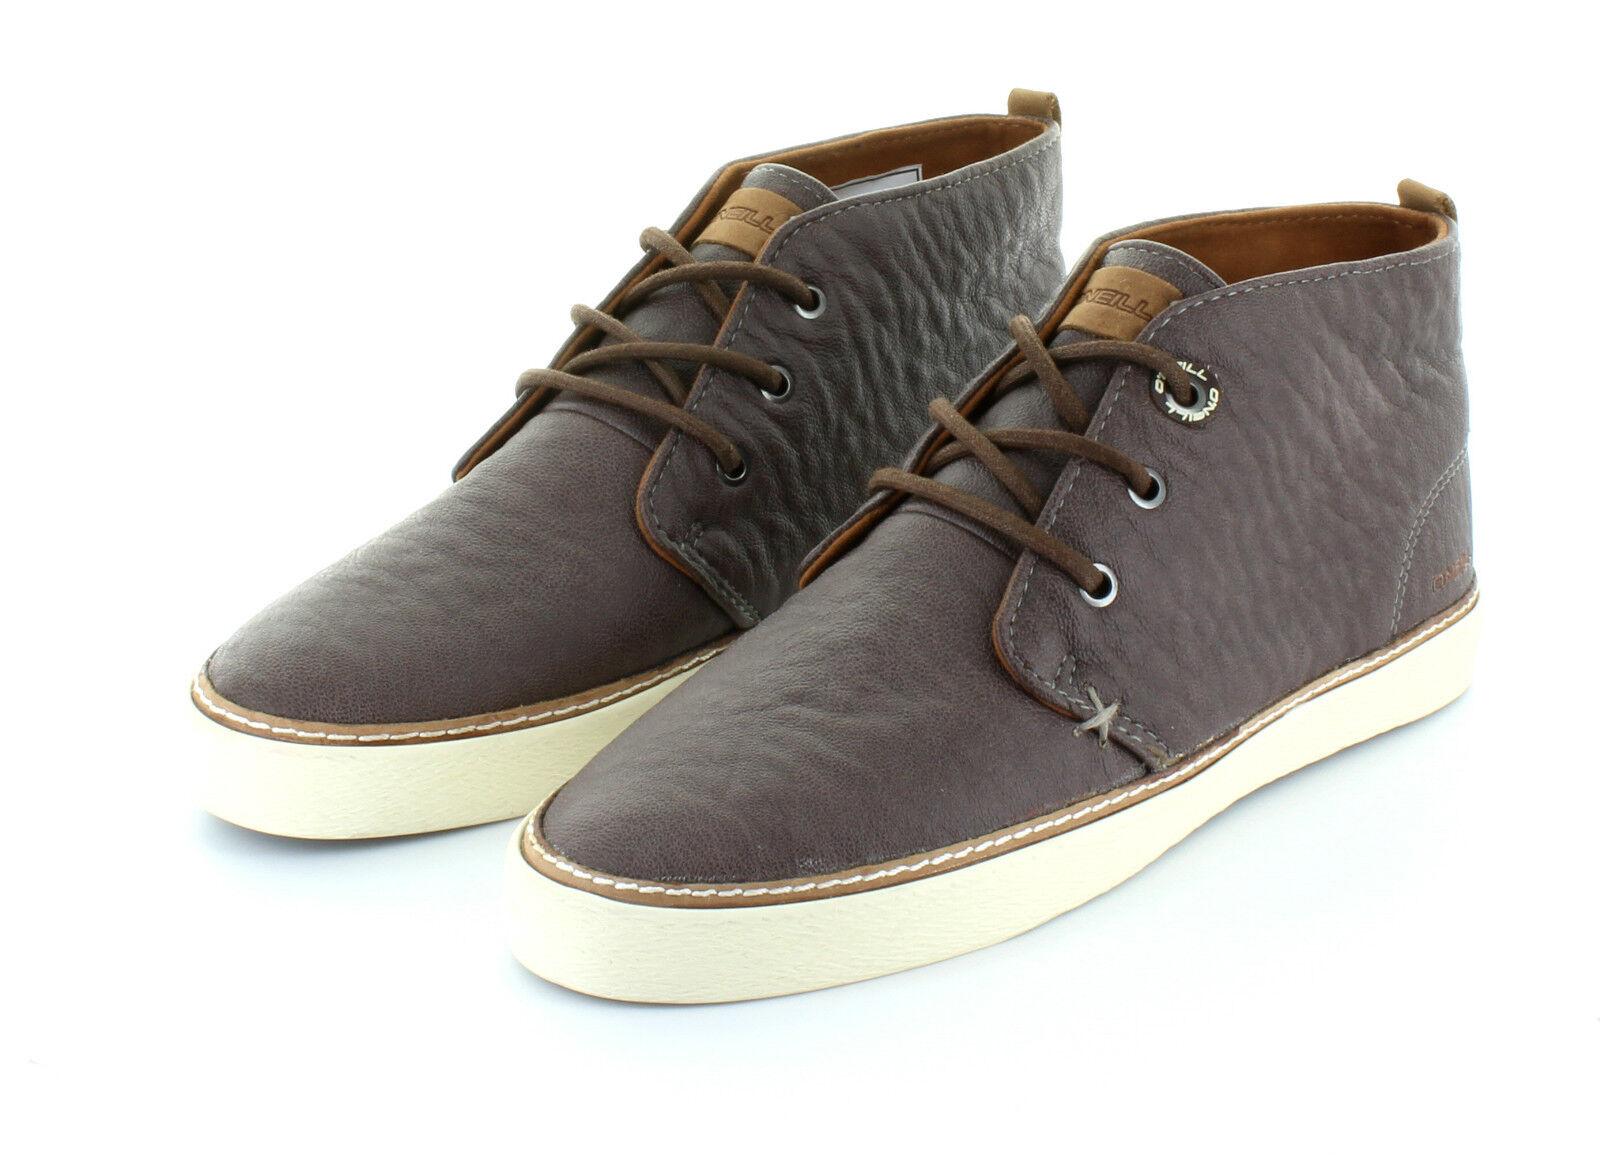 O`Neill Kali dunkelbraun Damen Sneaker Freizeit Schuhe /  Gr. 37 / Schuhe 37,5 b0b28f